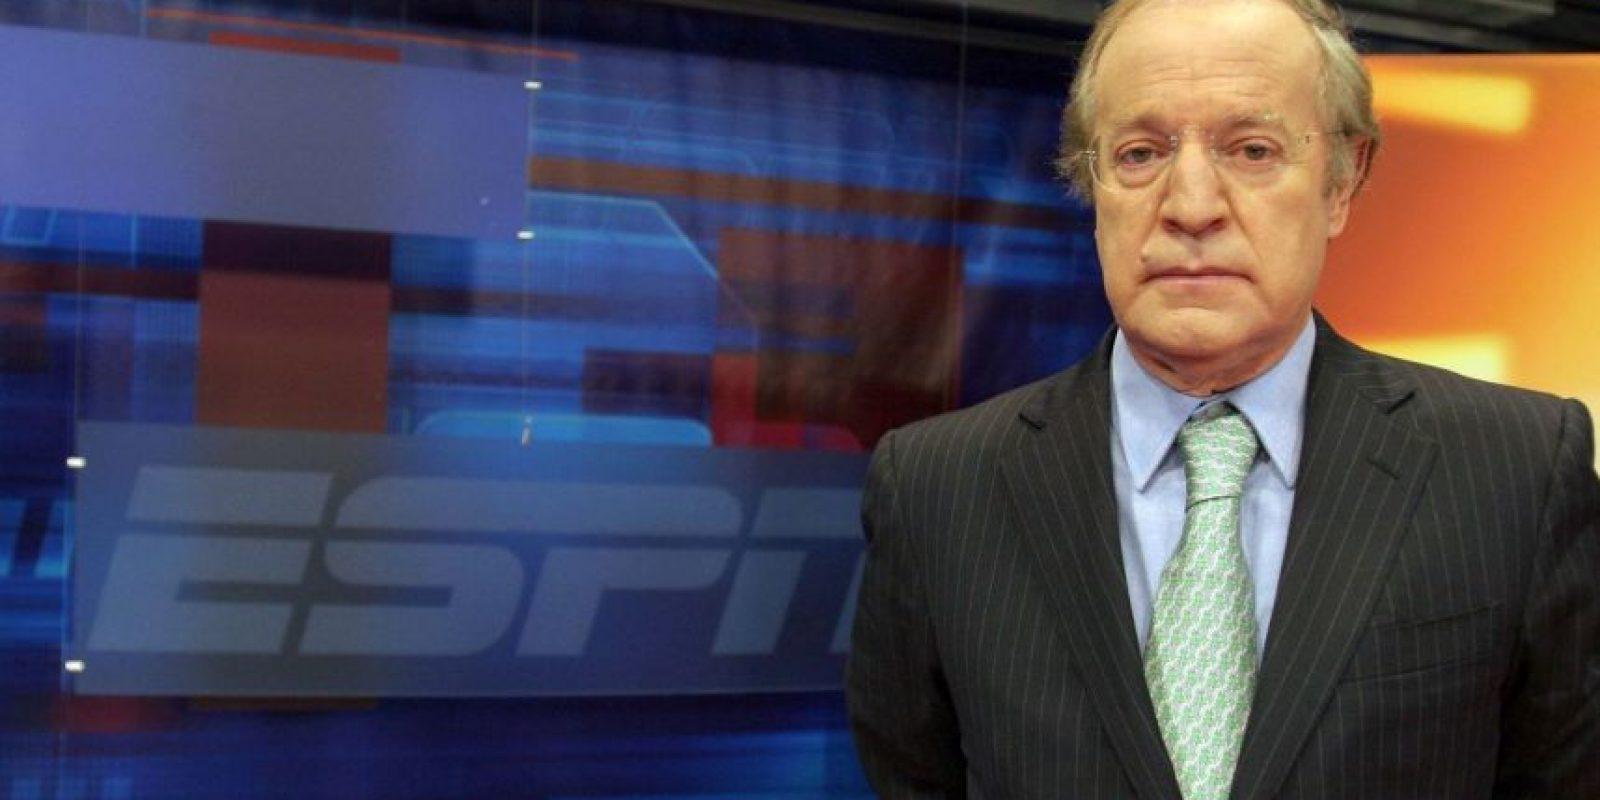 El experimentado comunicador se vio obligado a volver sobre sus pasos luego del comentario que hizo sobre el árbitro de la final de la Liga MX. Foto:ESPN